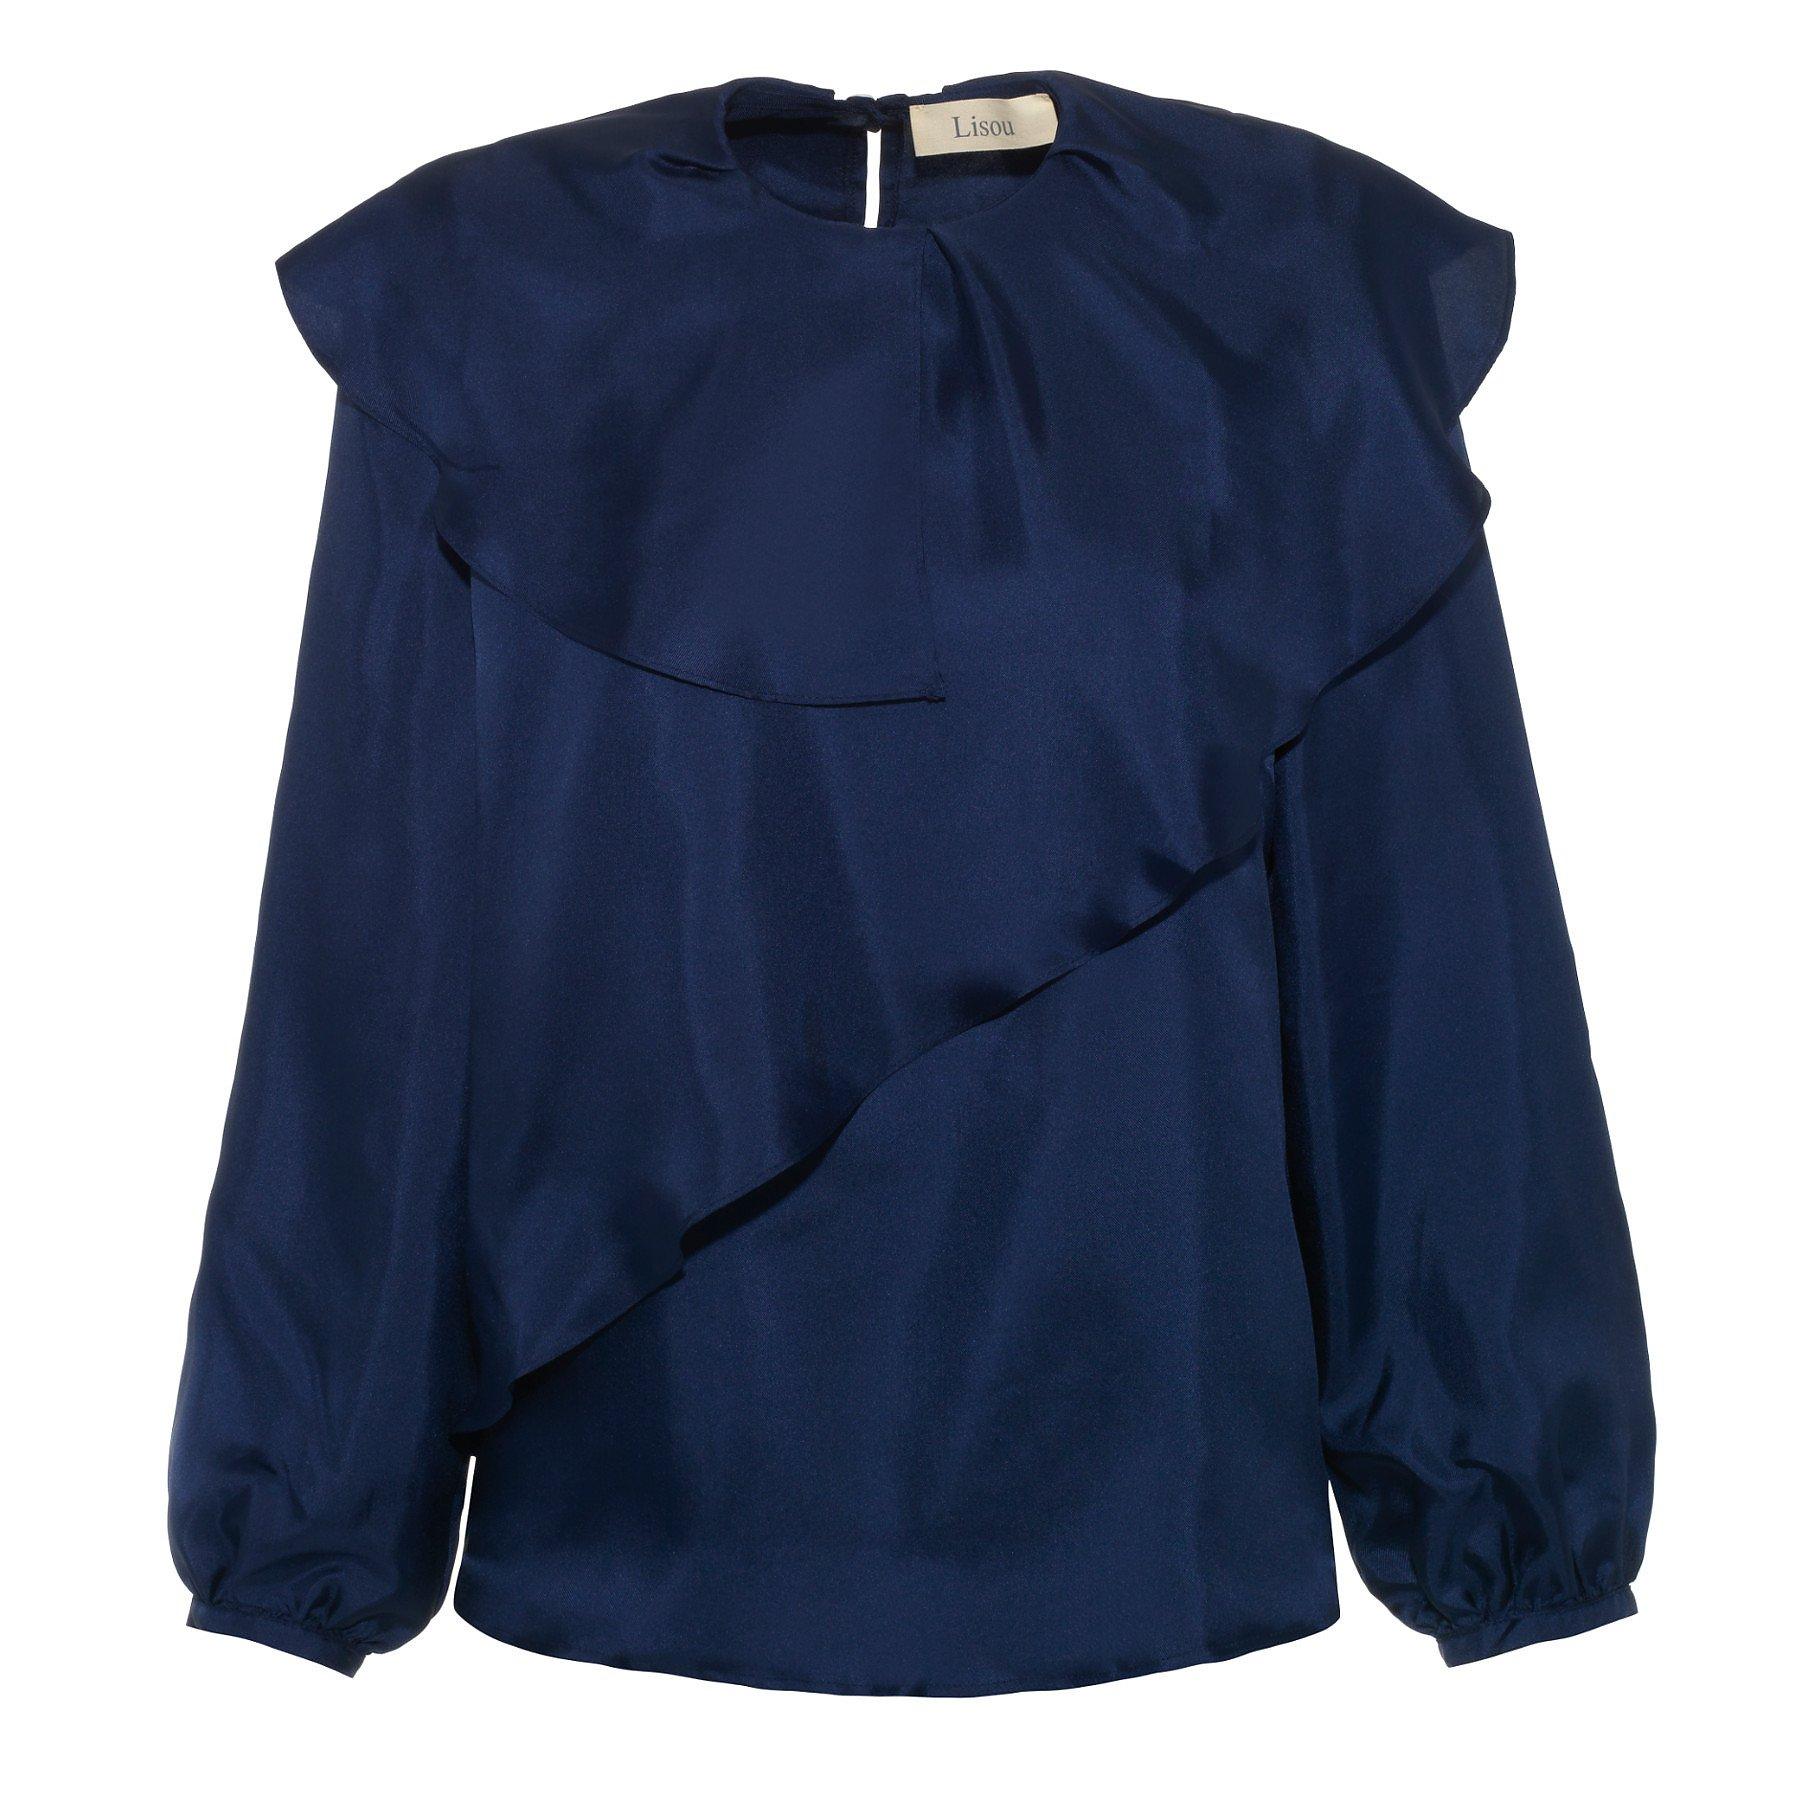 Lisou Talia Shirt